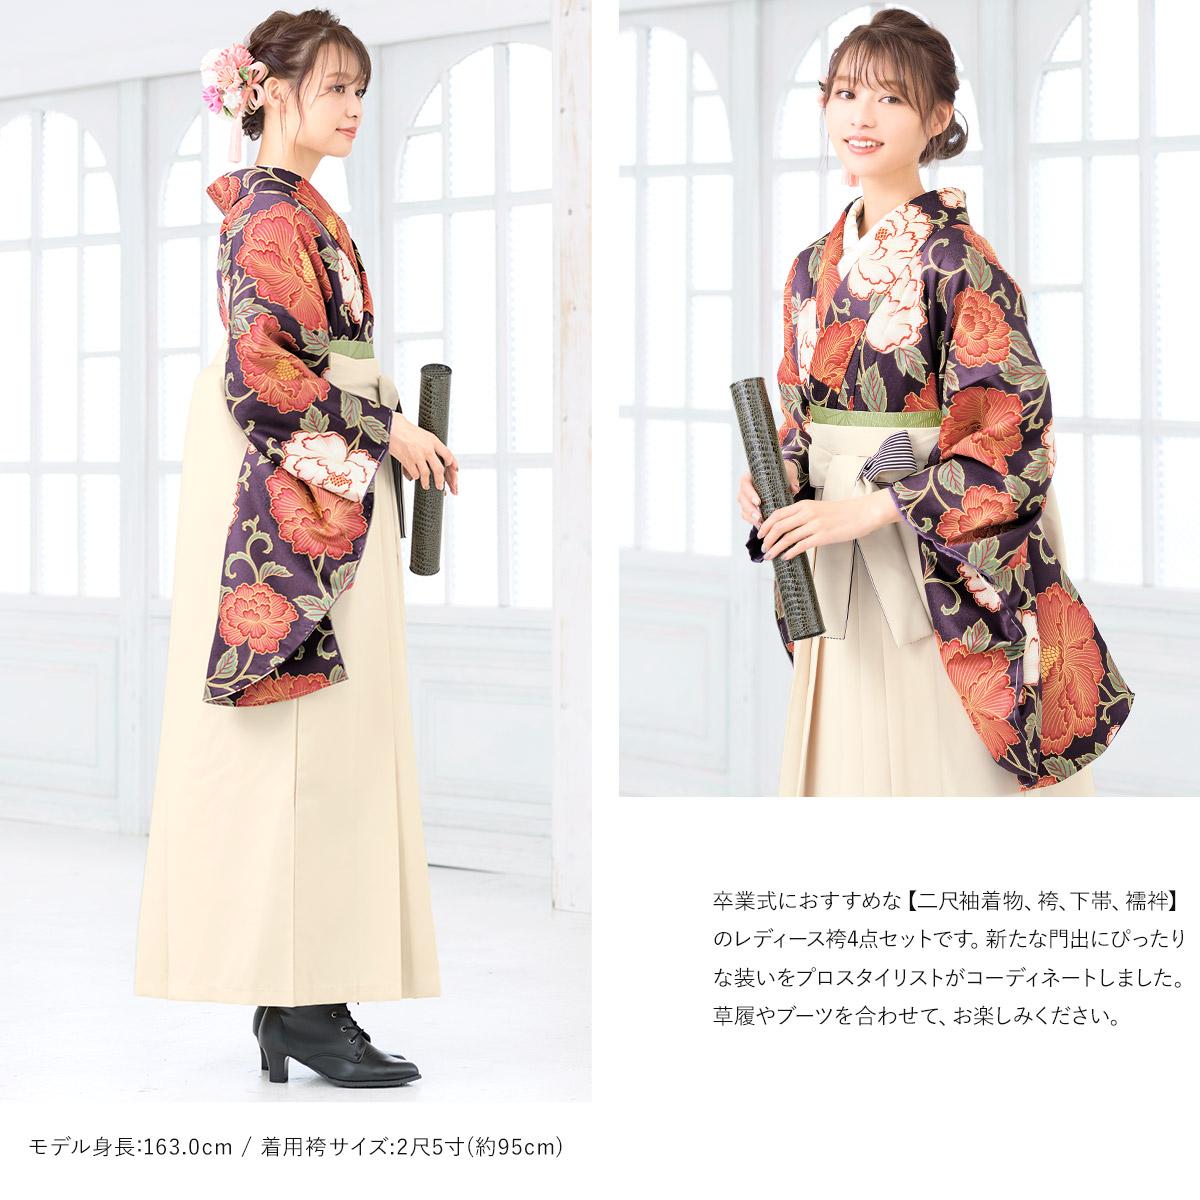 晴れの日におすすめな袴セット